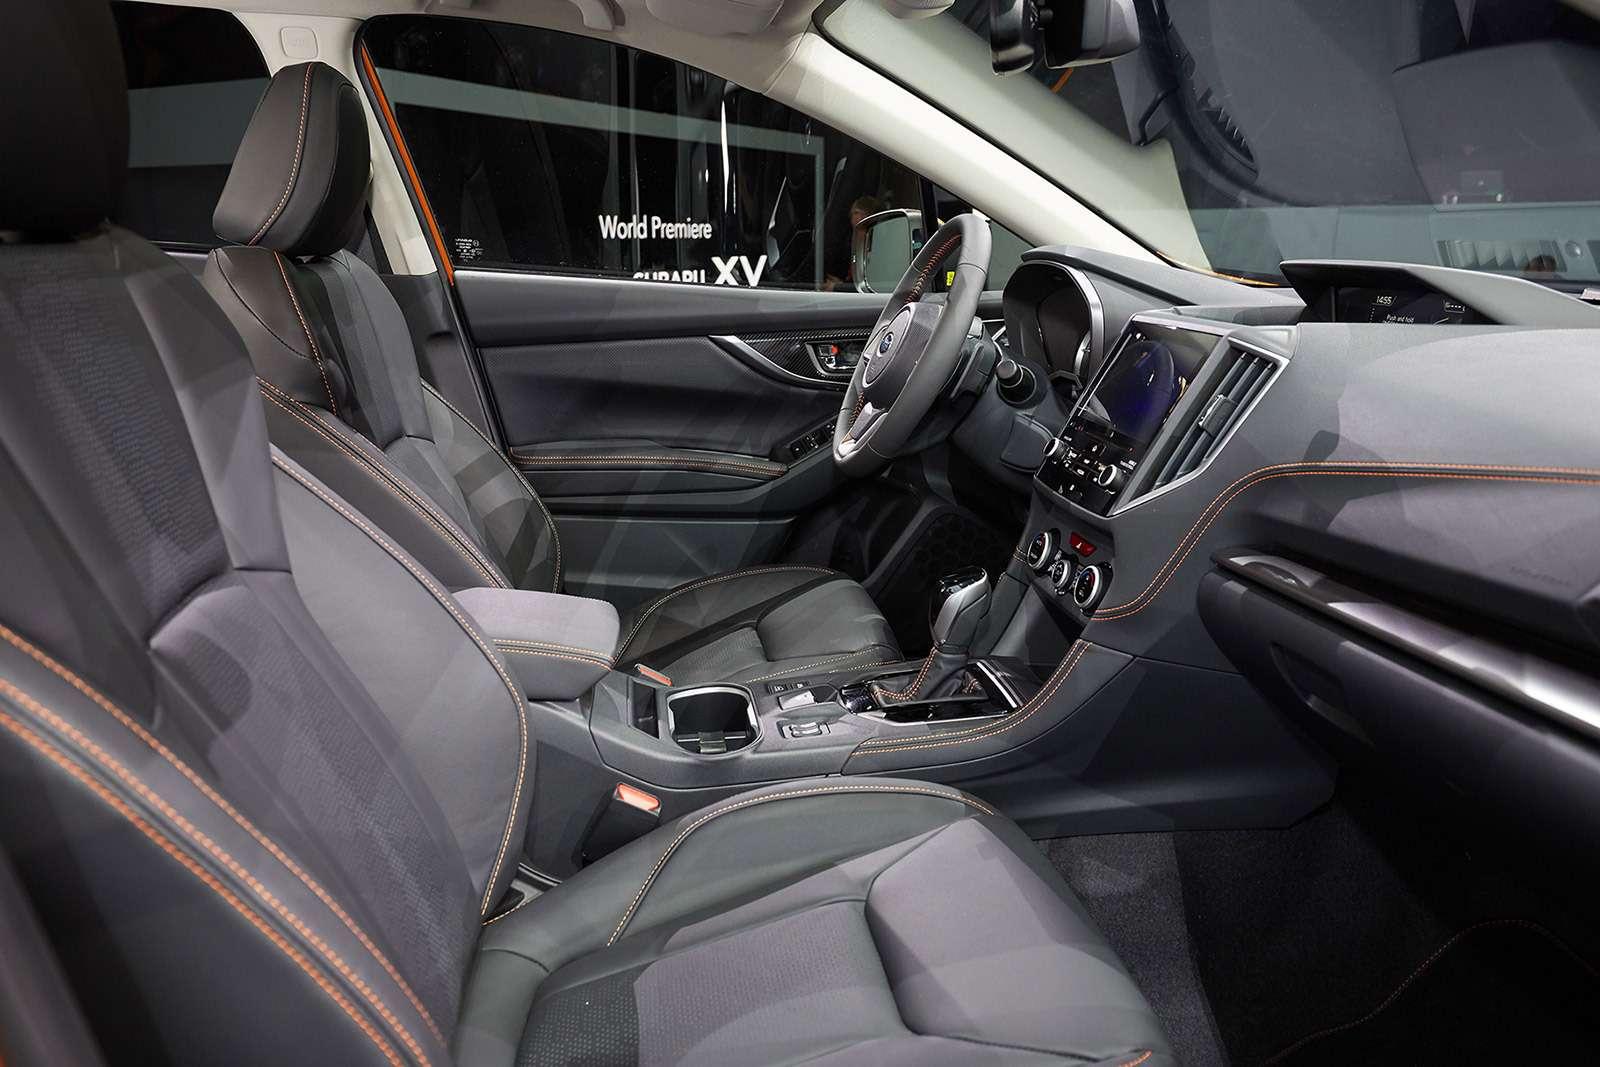 Новый Subaru XVбудет поступать ссоперниками жестко!— фото 717936